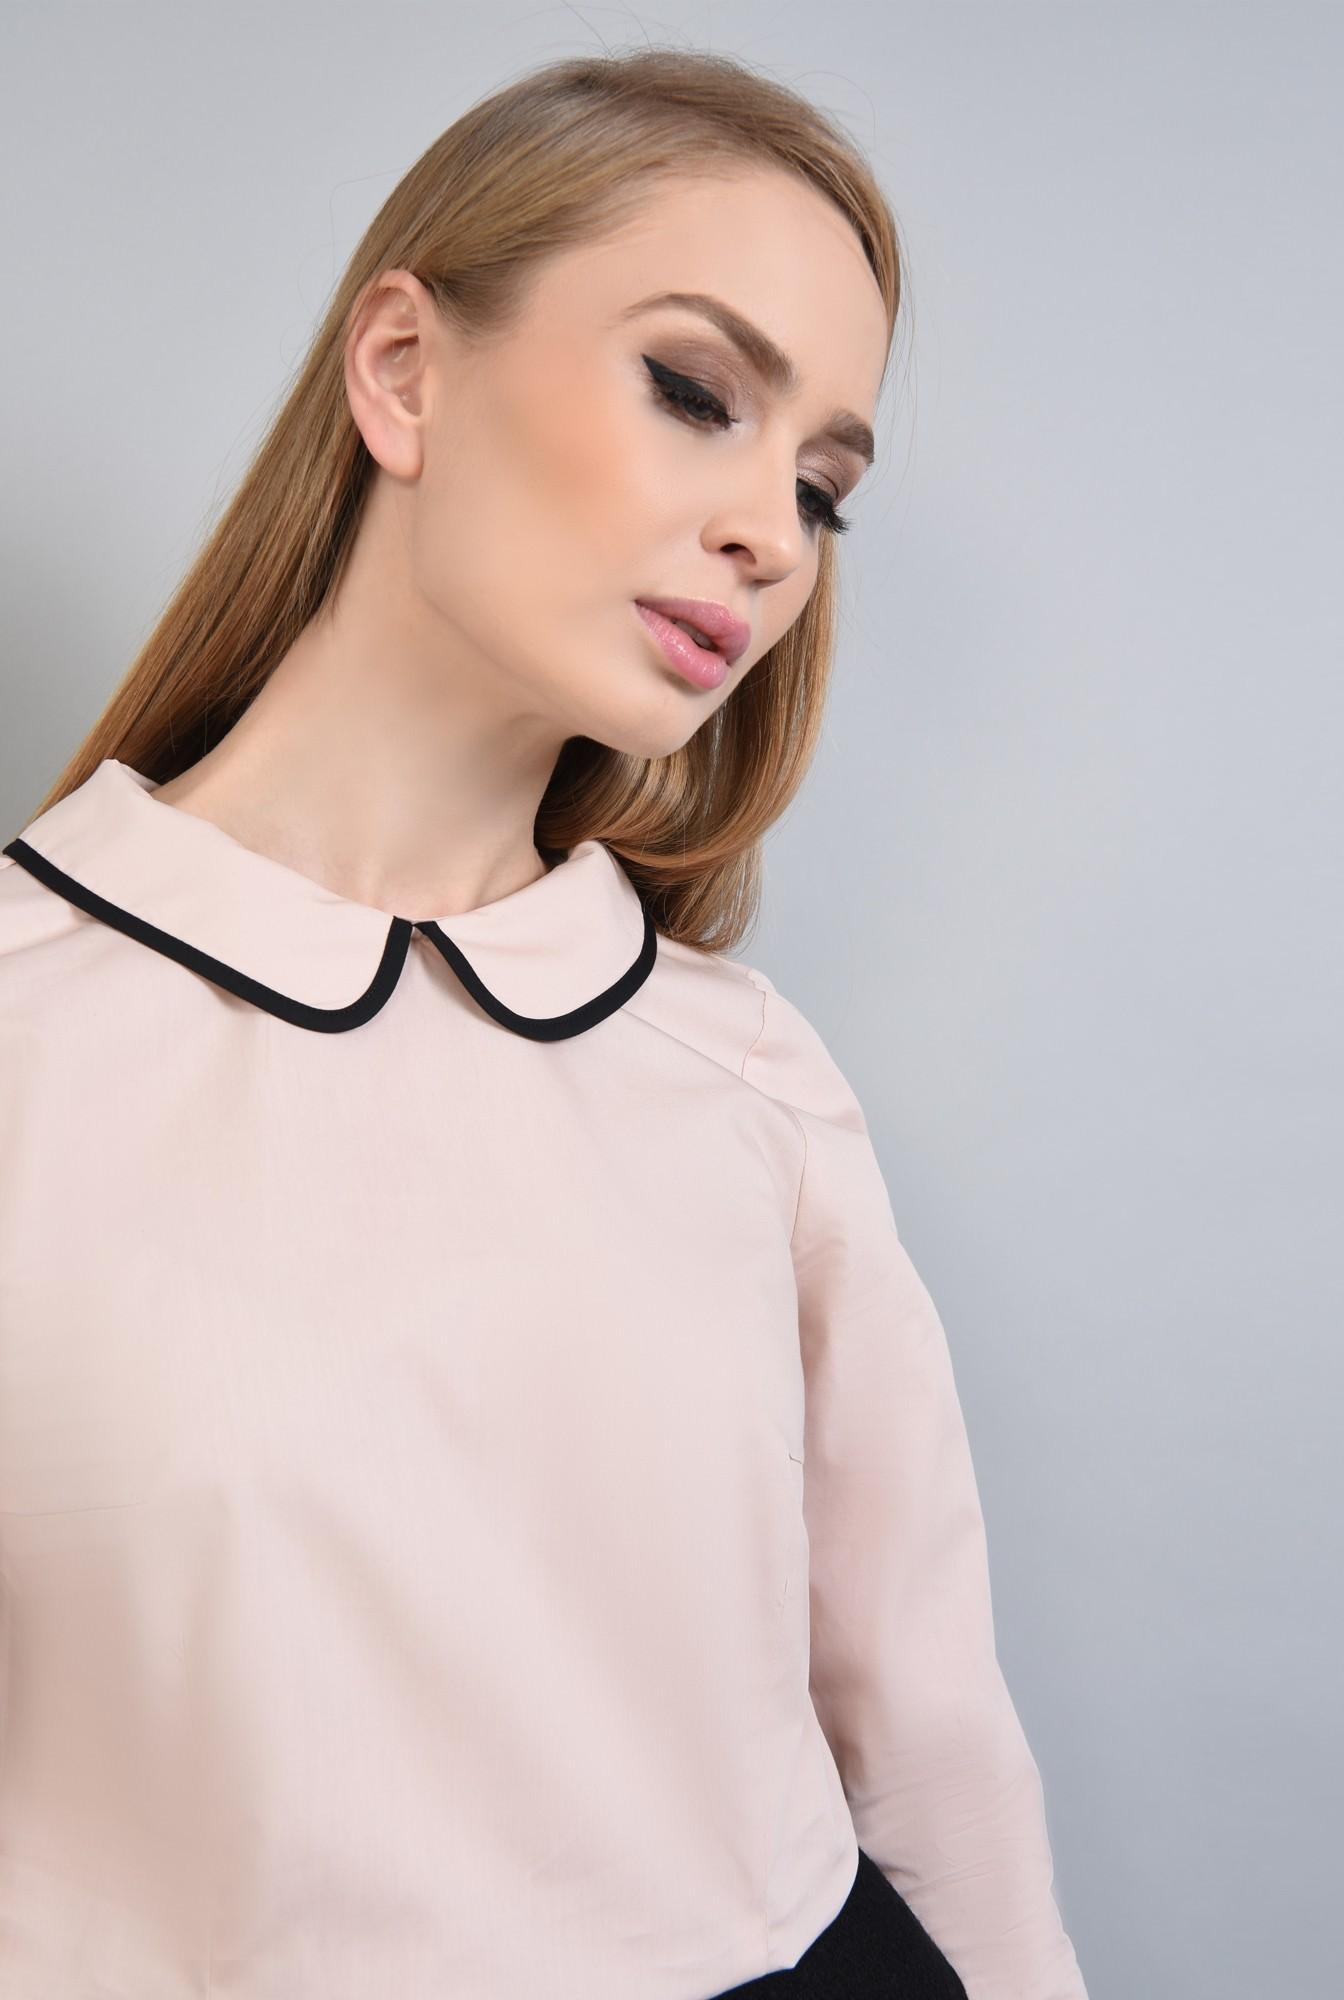 2 - Bluza casual, negru, butoniera